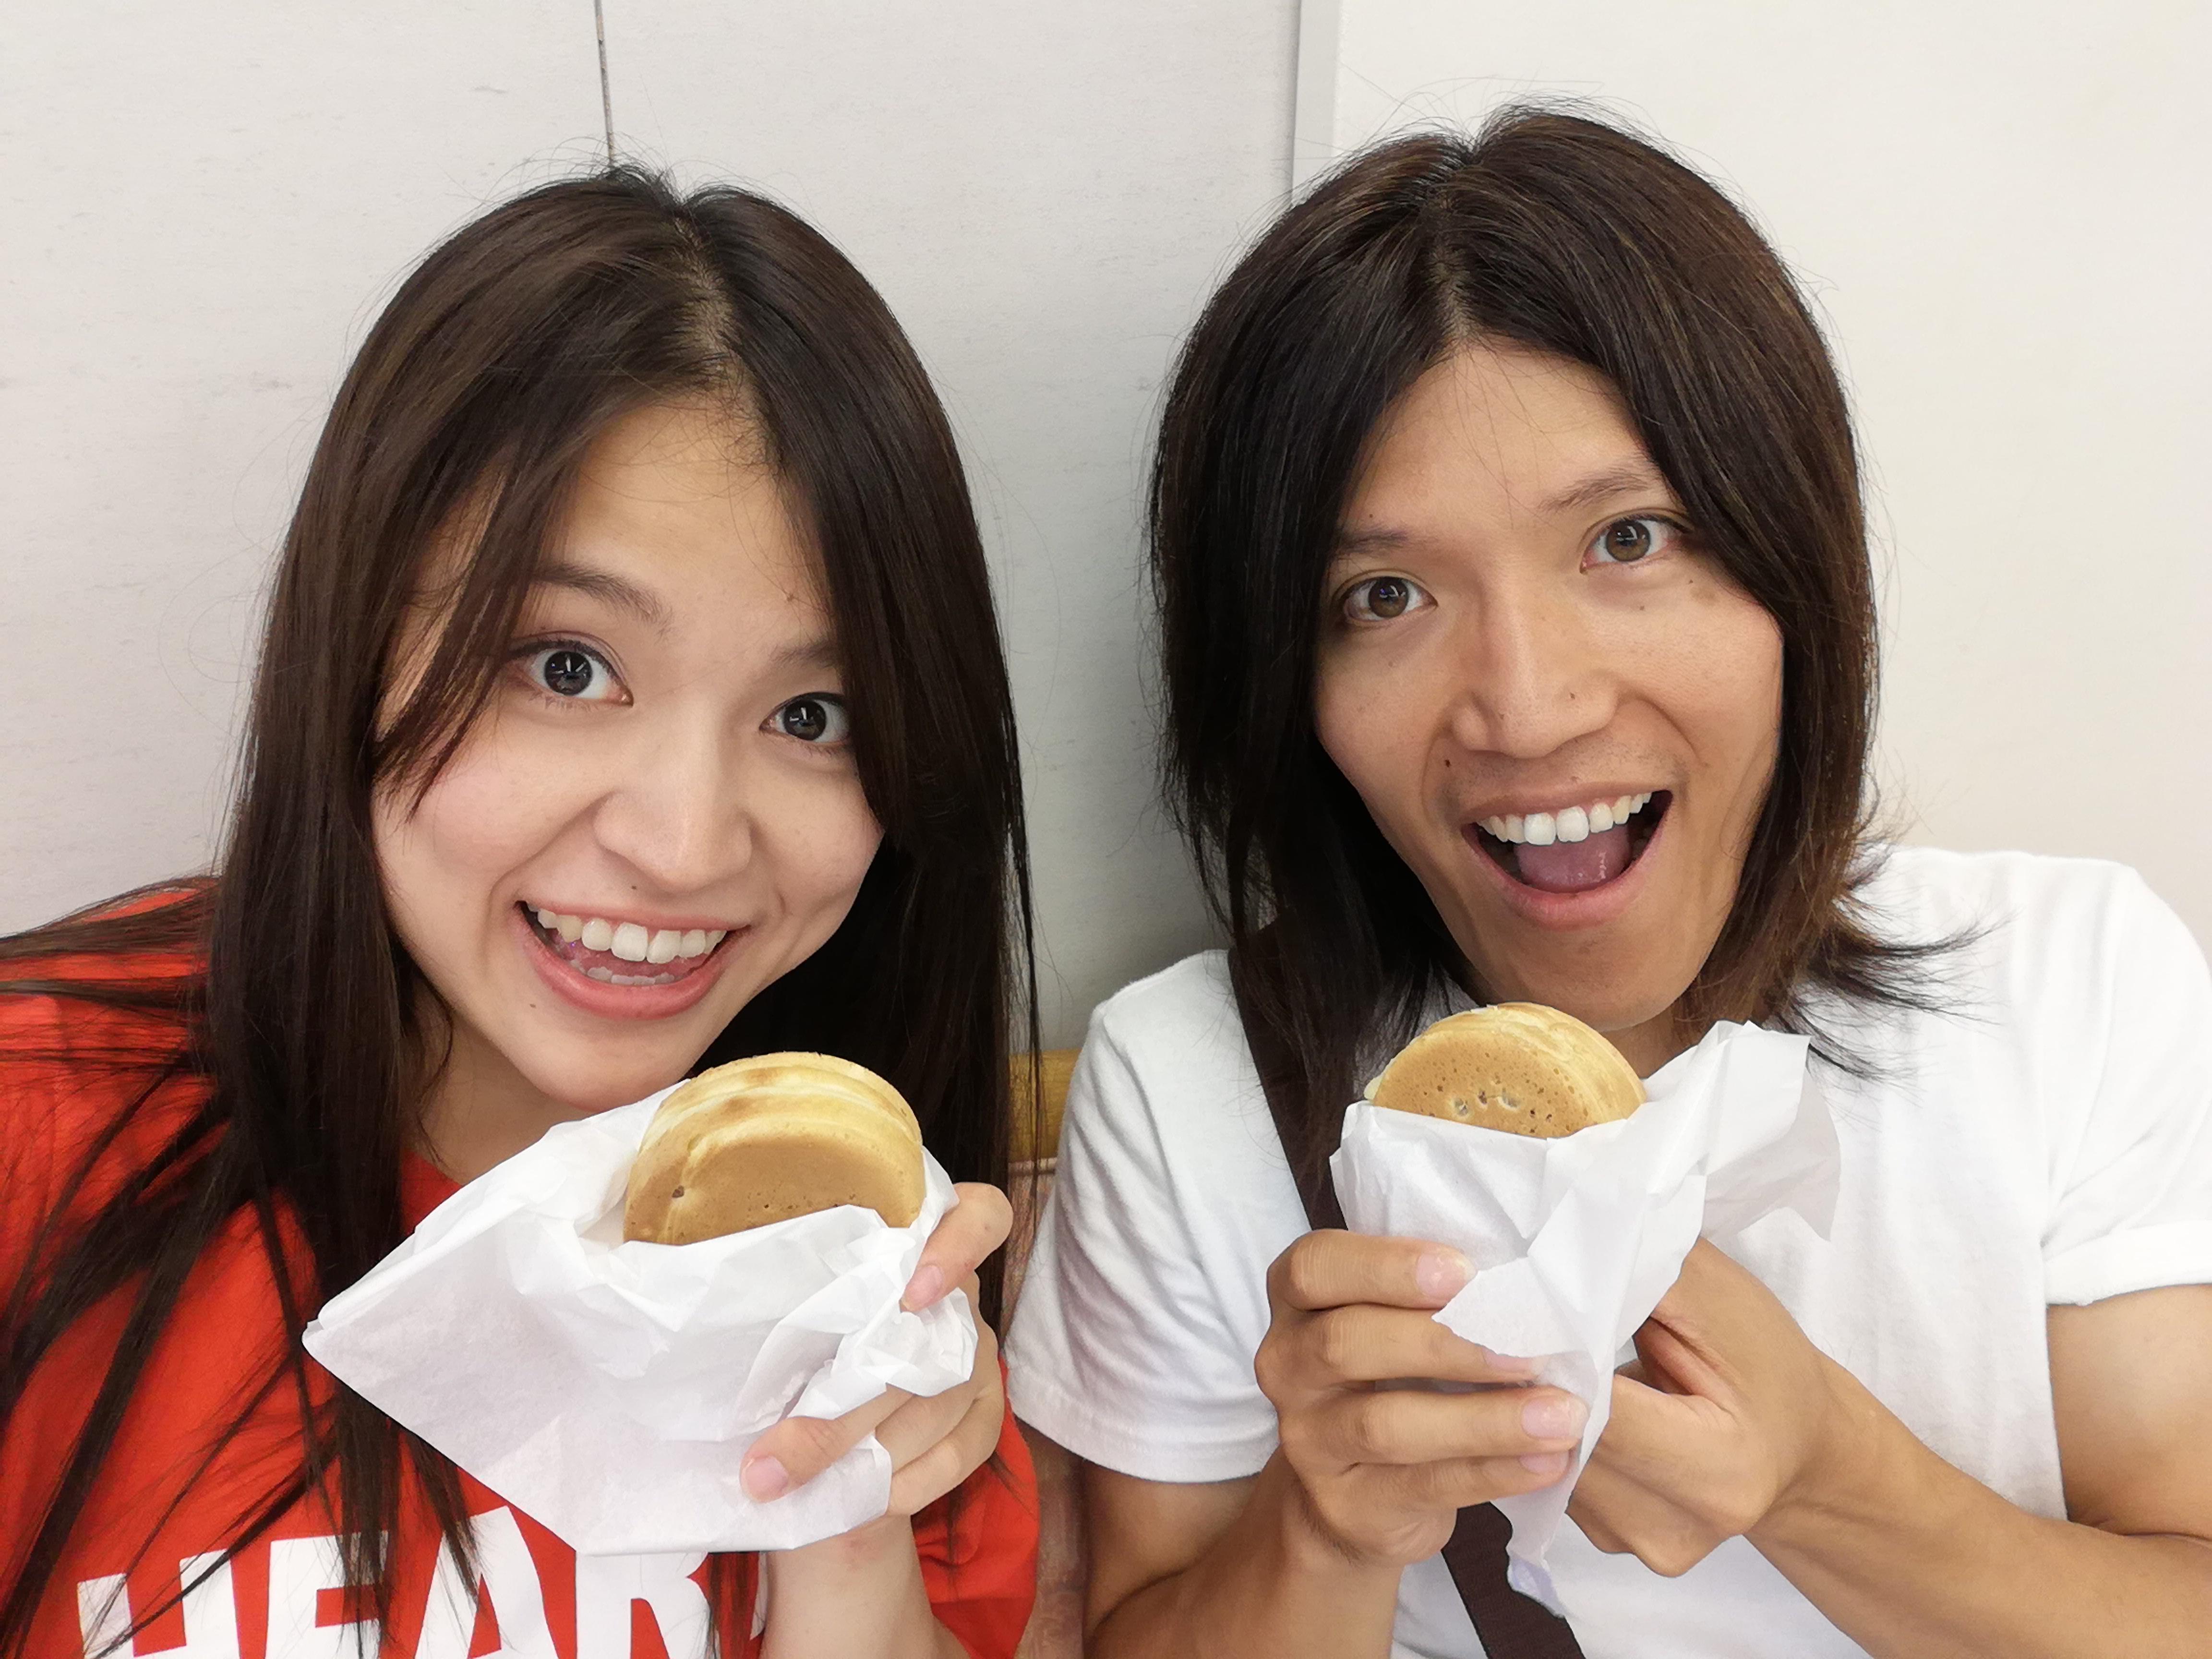 2018/09/24~29 三重(四日市)→神奈川(横浜)→群馬(太田) まとめ